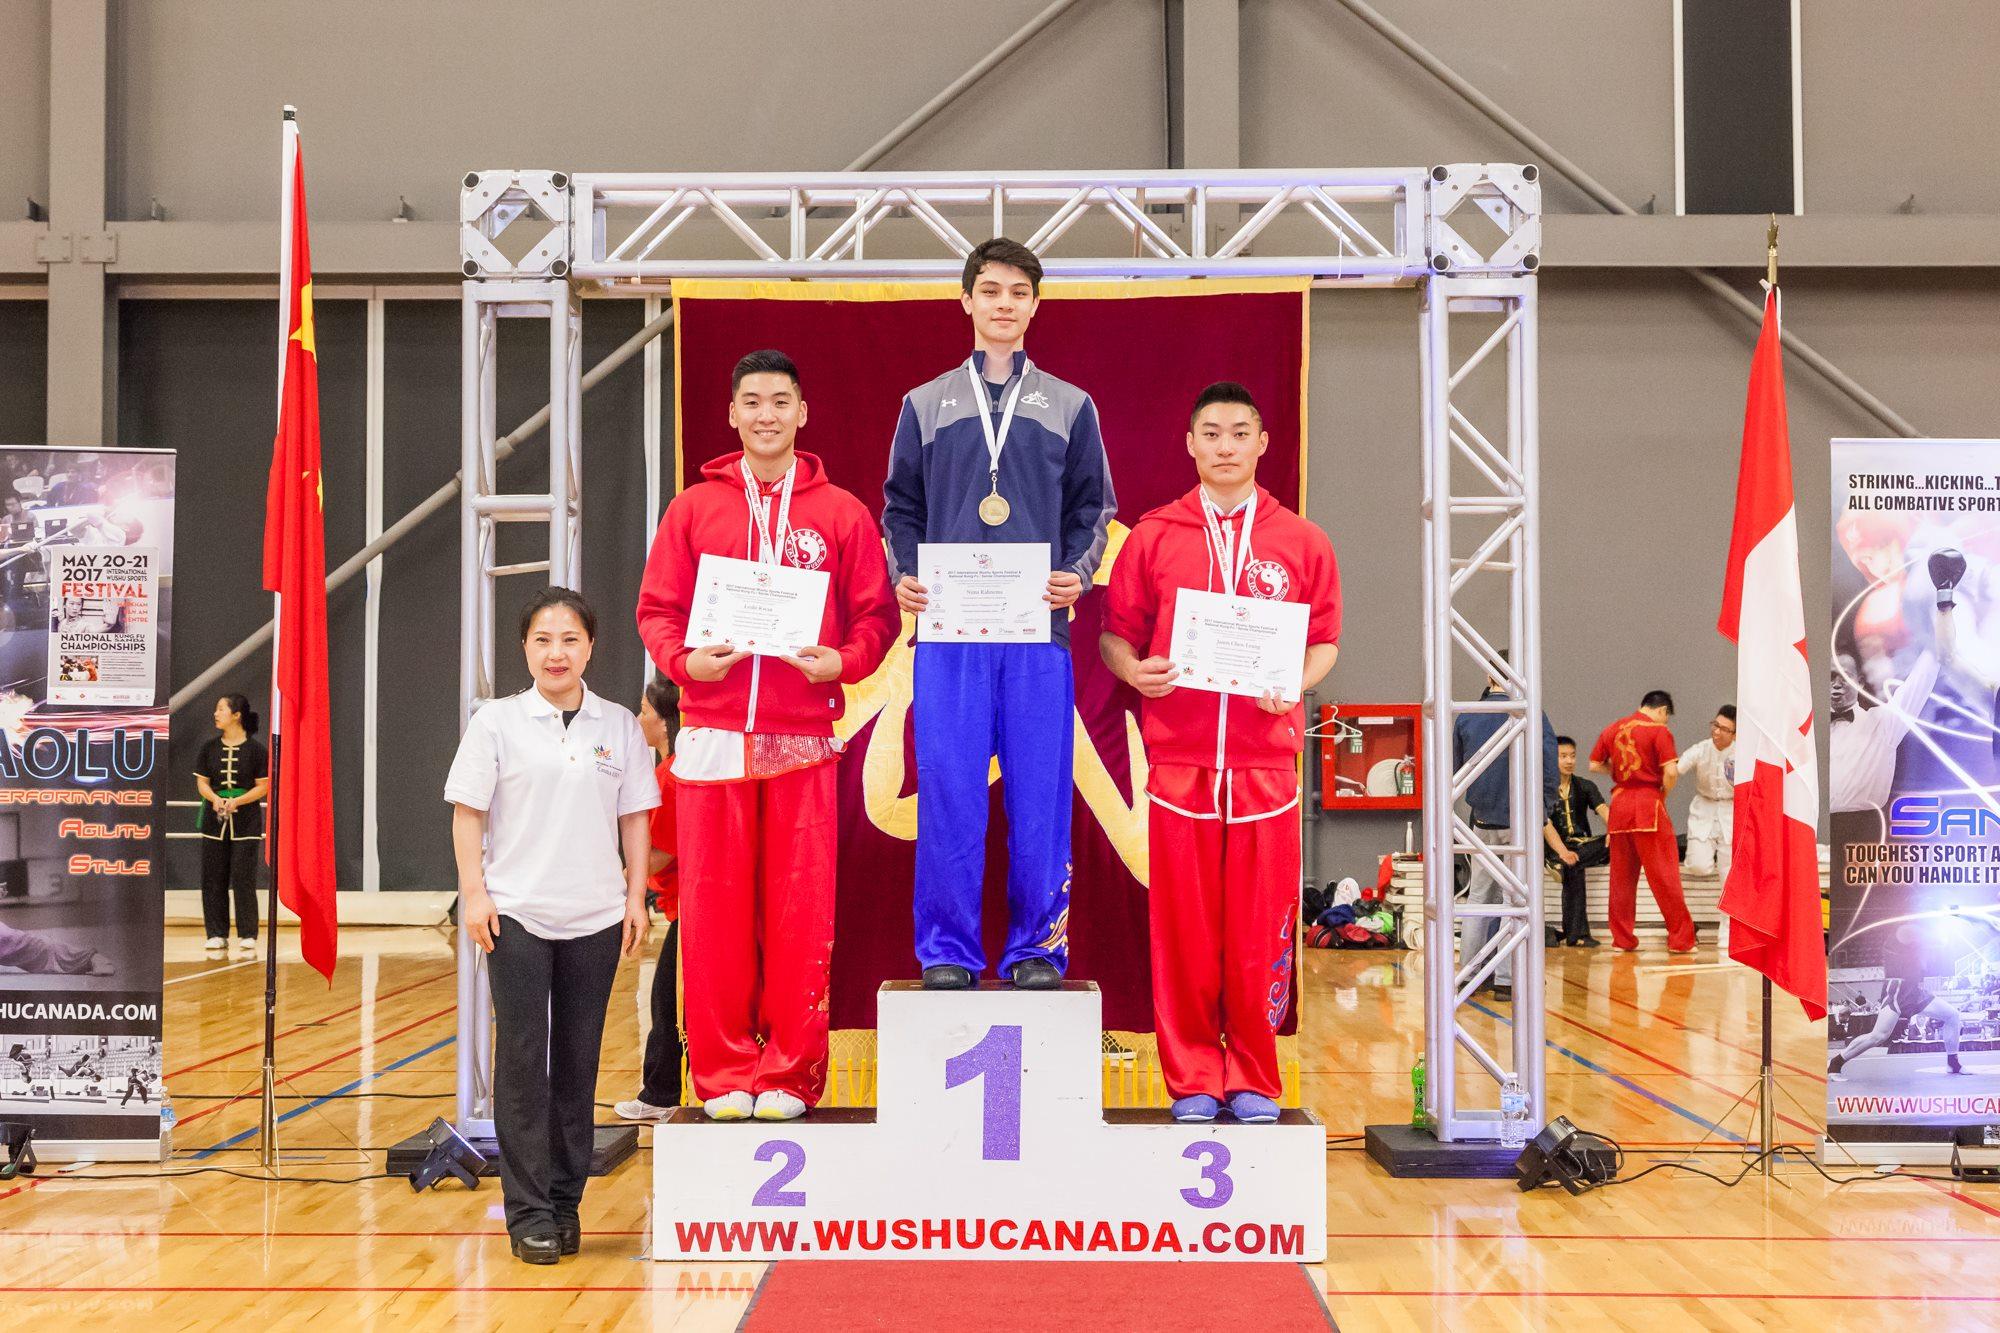 wayland-li-wushu-toronto-markham-canadian-wushu-championships-2017-3.jpg